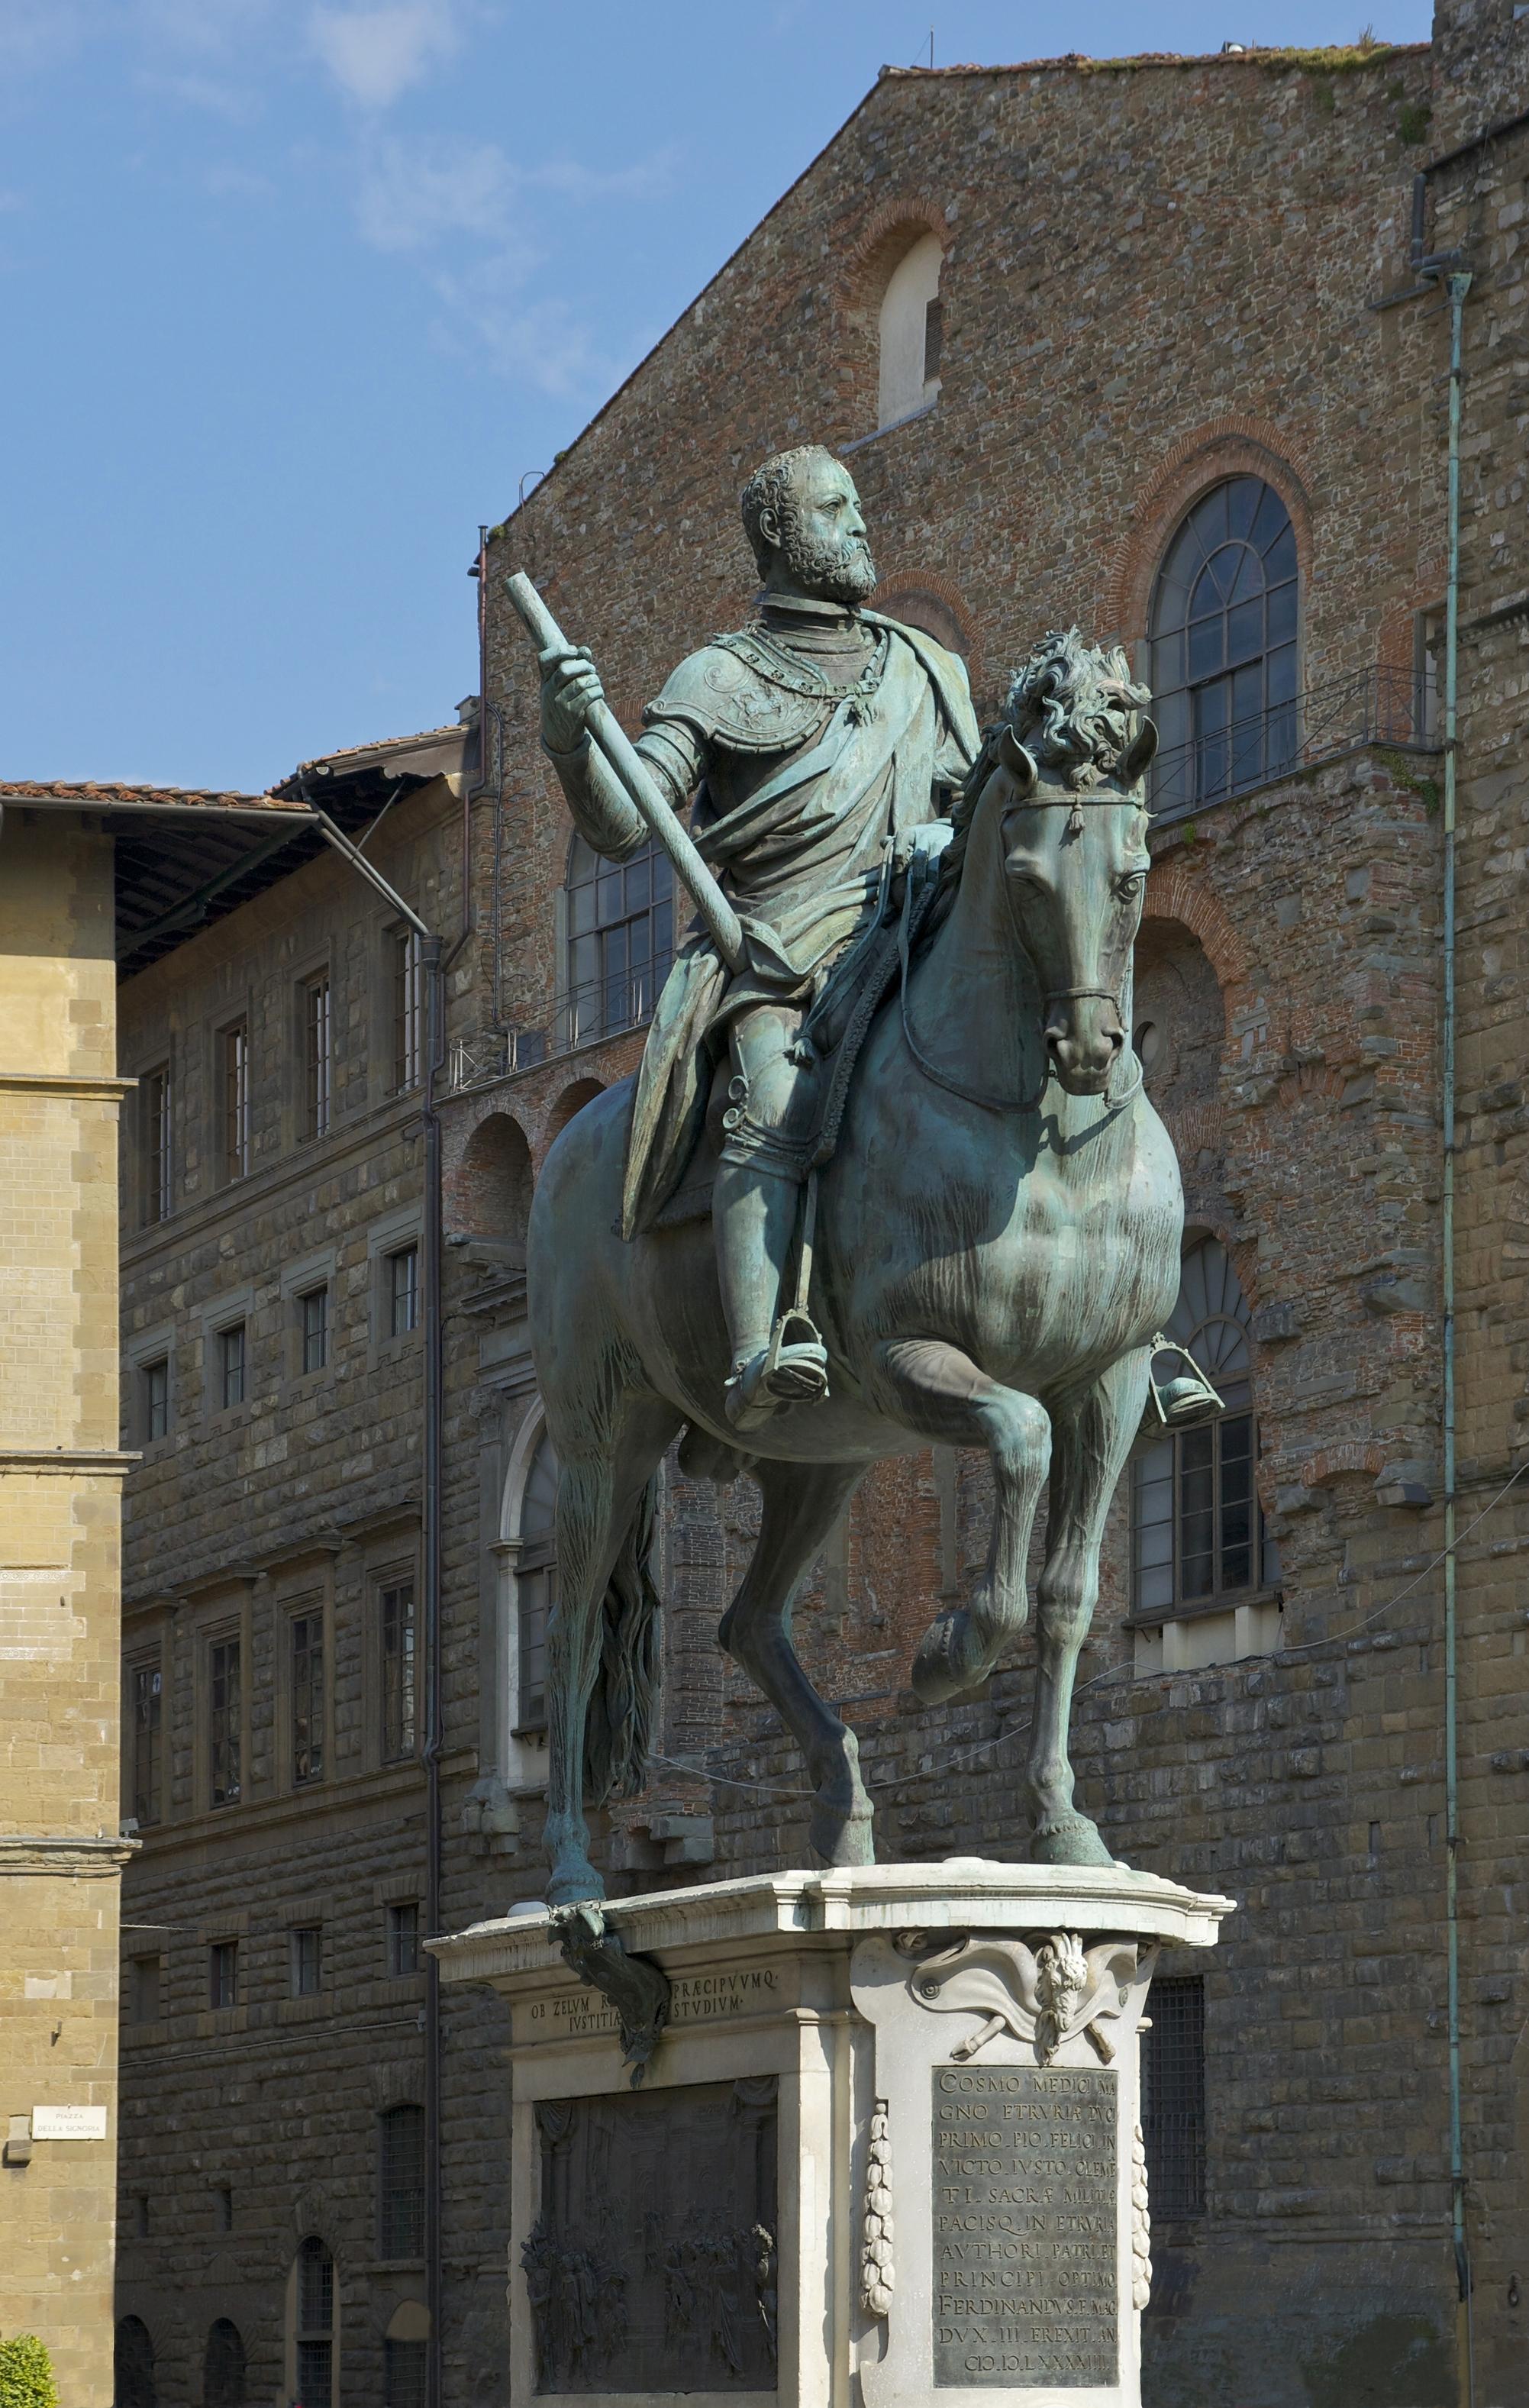 La statua equestre di Cosimo de Medici, Granduca di Toscana, di Jean de Bologne, Piazza della Signoria, Firenze